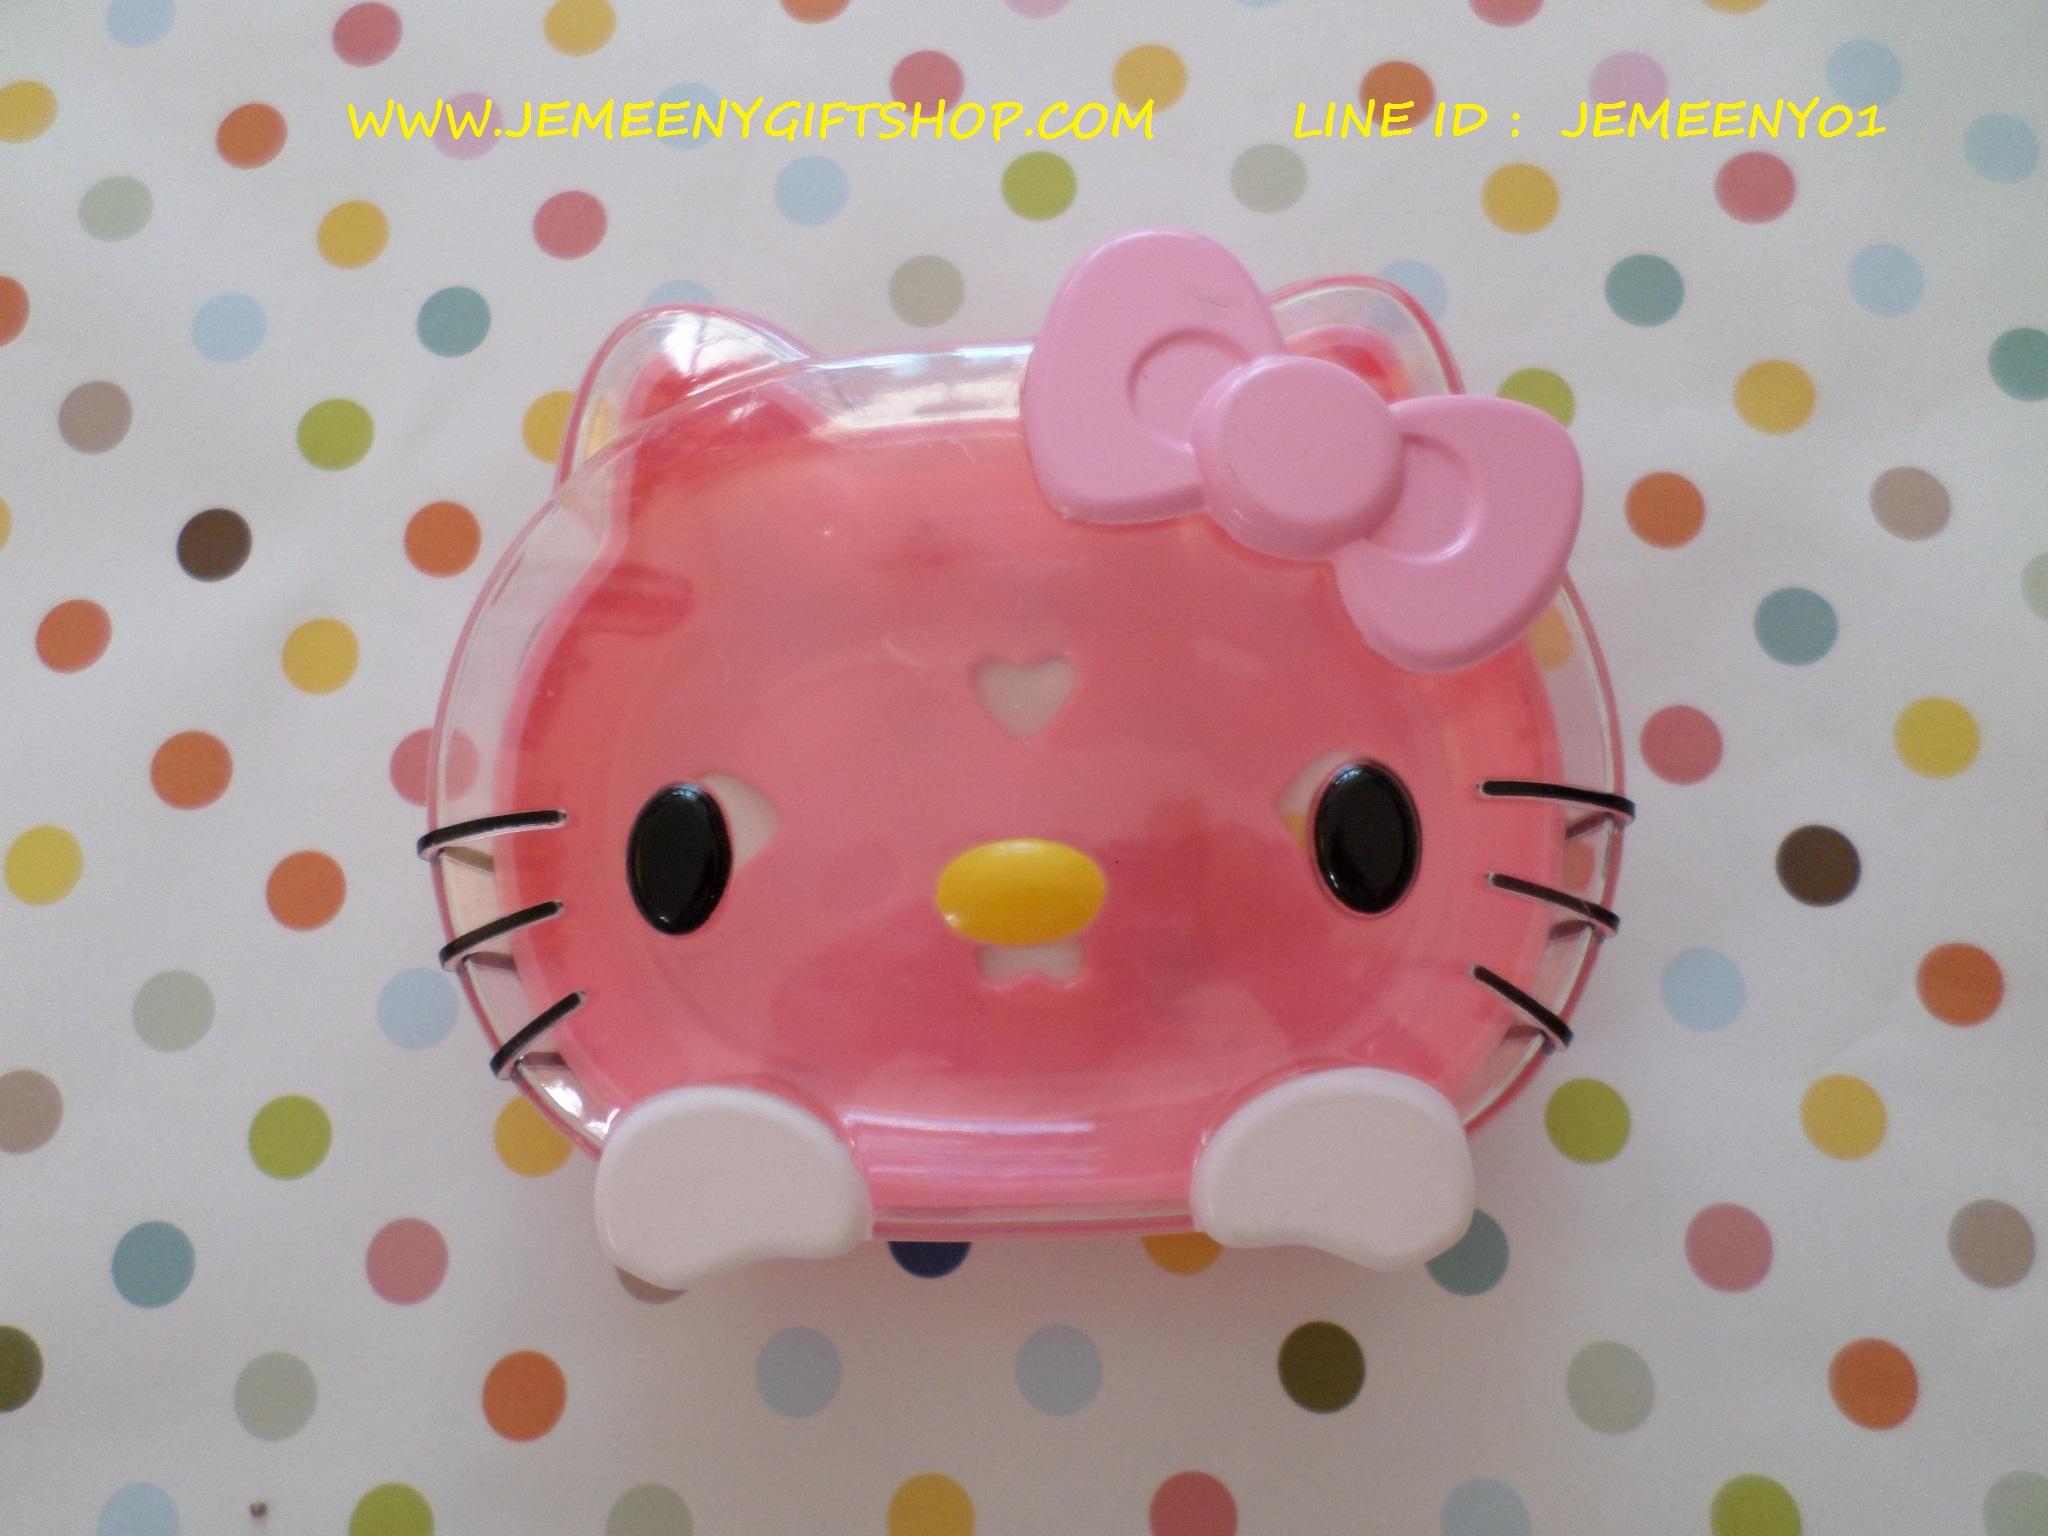 กล่องใส่สบู่ในห้องน้ำ ฮัลโหลคิตตี้ Hello kitty ขนาด 12 * 9 ซม. หน้าคิตตี้โบว์ชมพู วางสบู่ก้อนใหญ่ได้หนึ่งก้อน